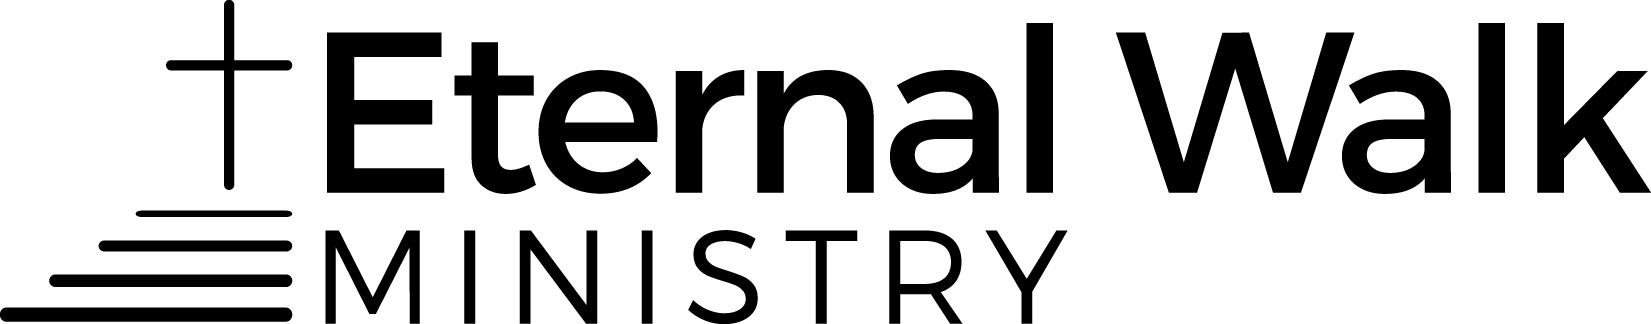 eternal walk logo.jpg